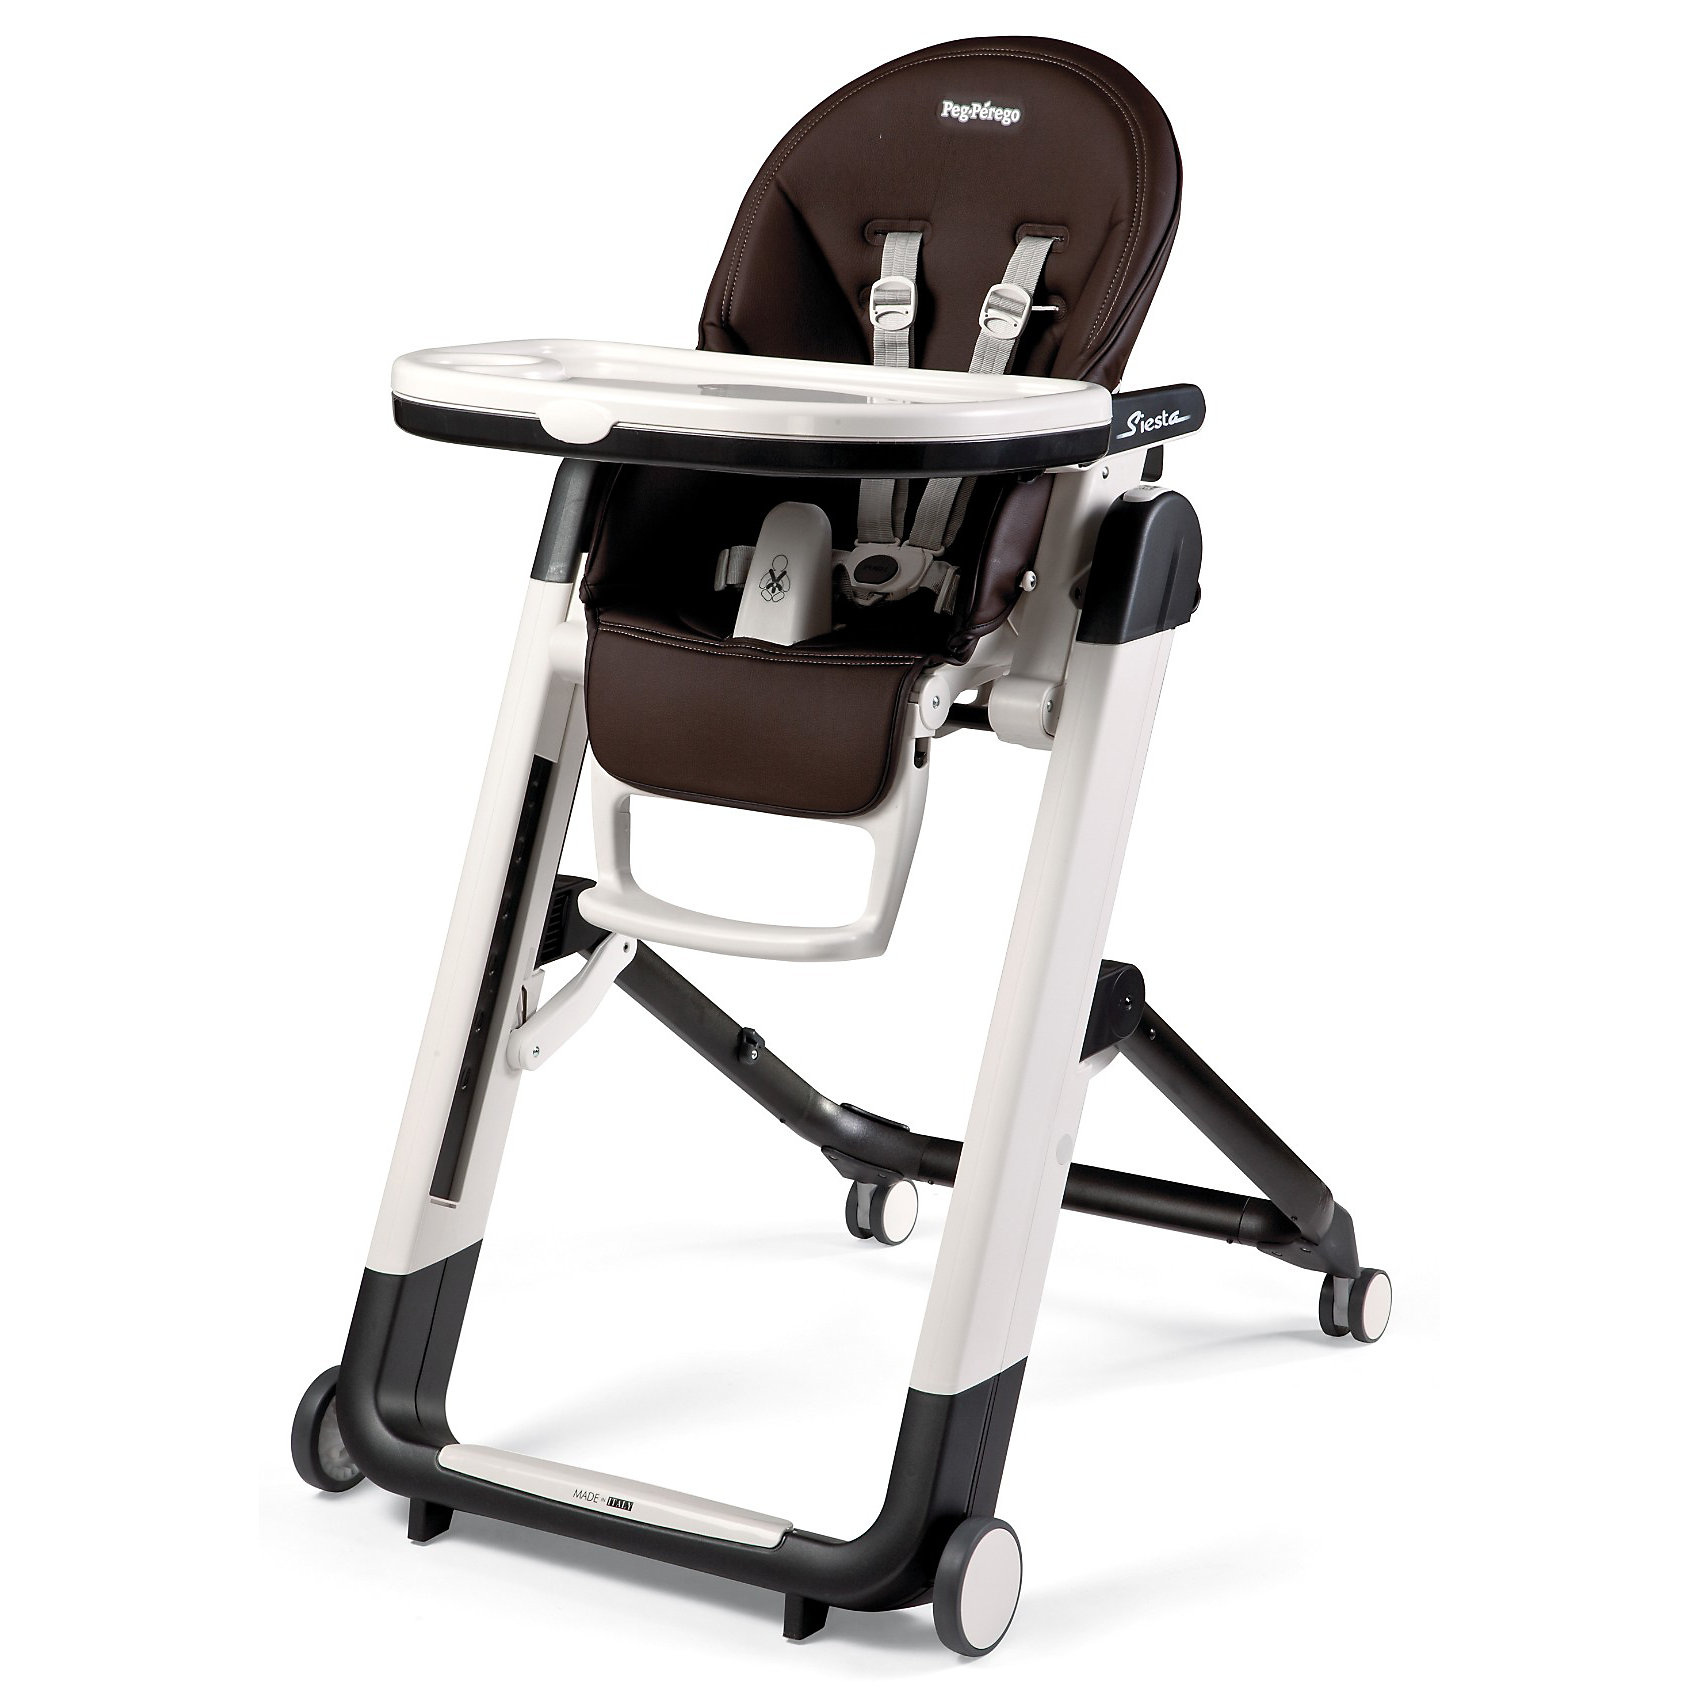 Стульчик для кормления Siesta, Peg-Perego, Cacao шоколадот рождения<br>Удобный и функциональный стульчик Siesta, Peg-Perego, обеспечит комфорт и безопасность Вашего малыша во время кормления. Спинка сиденья легко регулируется в 5 положениях (вплоть до горизонтального), что позволяет использовать стульчик как для кормления так и для игр и<br>сна. Широкое и эргономичное мягкое сиденье будет удобно как малышу, так и ребенку постарше. Стульчик оснащен регулируемыми 5-точечными ремнями безопасности, а планка-разделитель для ножек под столиком не даст малышу соскользнуть. Высота стула регулируется в 9<br>положениях (от 33 до 65 см. от пола). Подножка регулируется в 3 позициях, позволяя выбрать оптимальное для ребенка положение. На задней части спинки размещается сетка для мелочей.<br><br>Широкий съемный столик оснащен подносом с отделениями для кружки или стакана, поднос можно снять для быстрой чистки и использовать основную поверхность для игр и занятий. Для детей постарше стул можно использовать без столика для кормления, придвинув его к столу<br>для взрослых. Ножки оснащены колесиками с блокираторами, что позволяет легко перемещать стульчик по комнате. Кожаный чехол легко снимается для чистки. Стульчик легко и компактно складывается и занимает мало места при хранении. Подходит для детей в возрасте от 0<br>месяцев до 3 лет.<br><br>Дополнительная информация:<br><br>- Цвет: Cacao шоколад.<br>- Материал: пластик, эко-кожа.<br>- Высота спинки сиденья: 44 см.<br>- Ширина сиденья: 27 см.<br>- Размер в разложенном состоянии: 60 х 75 х 104,5 см. <br>- Размер в сложенном состоянии: 60 х 35 х 89 cм. <br>- Вес: 7,6 кг.<br><br>Стульчик для кормления Siesta, Peg-Perego, Cacao шоколад, можно купить в нашем интернет-магазине.<br><br>Ширина мм: 910<br>Глубина мм: 630<br>Высота мм: 300<br>Вес г: 13600<br>Цвет: коричневый<br>Возраст от месяцев: 0<br>Возраст до месяцев: 36<br>Пол: Унисекс<br>Возраст: Детский<br>SKU: 2396302